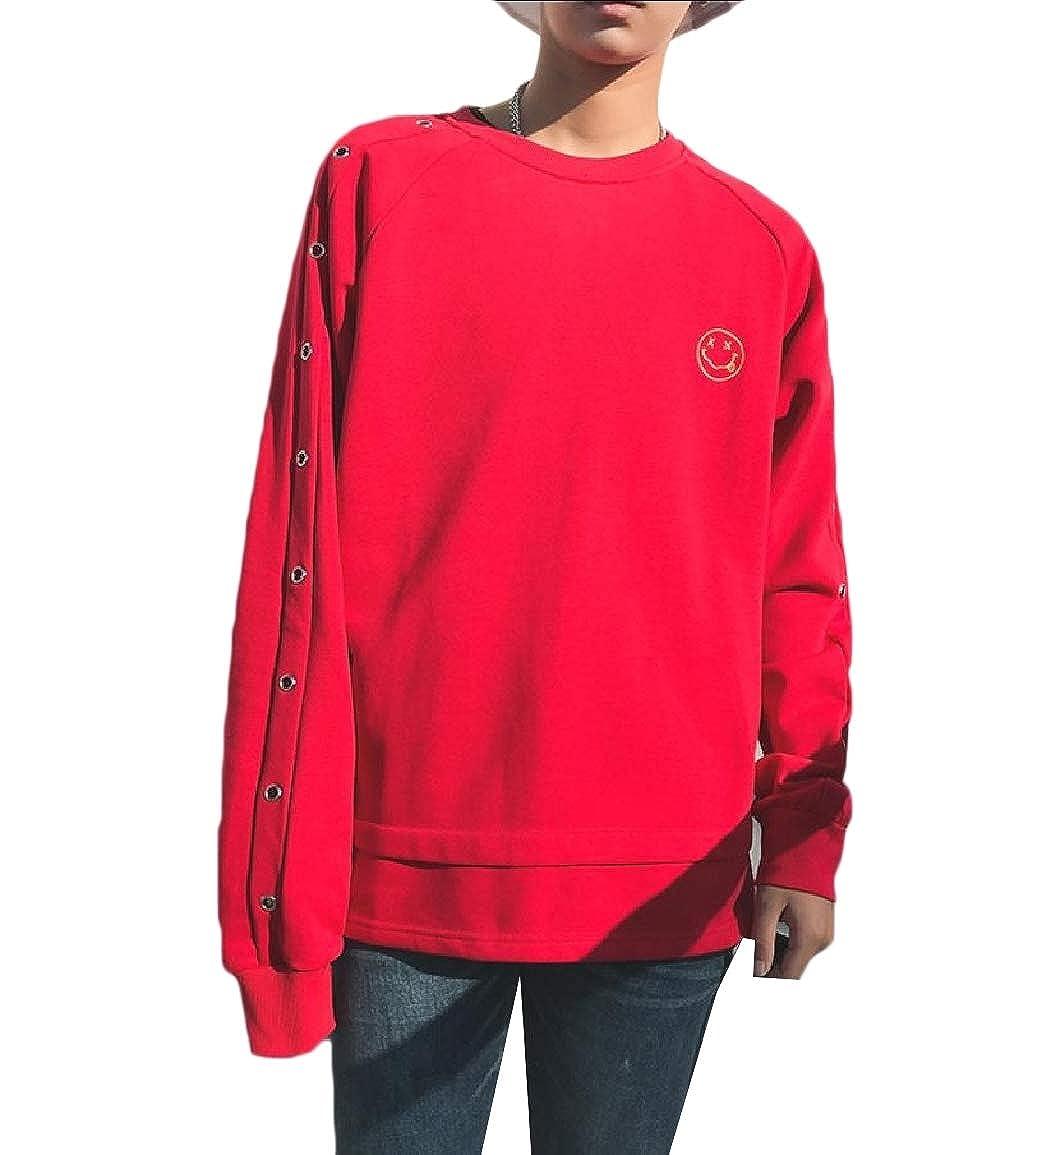 Vska Mens Fall Comfy Big-Tall Crew Neck Cotton Sports Sweatshirts Top